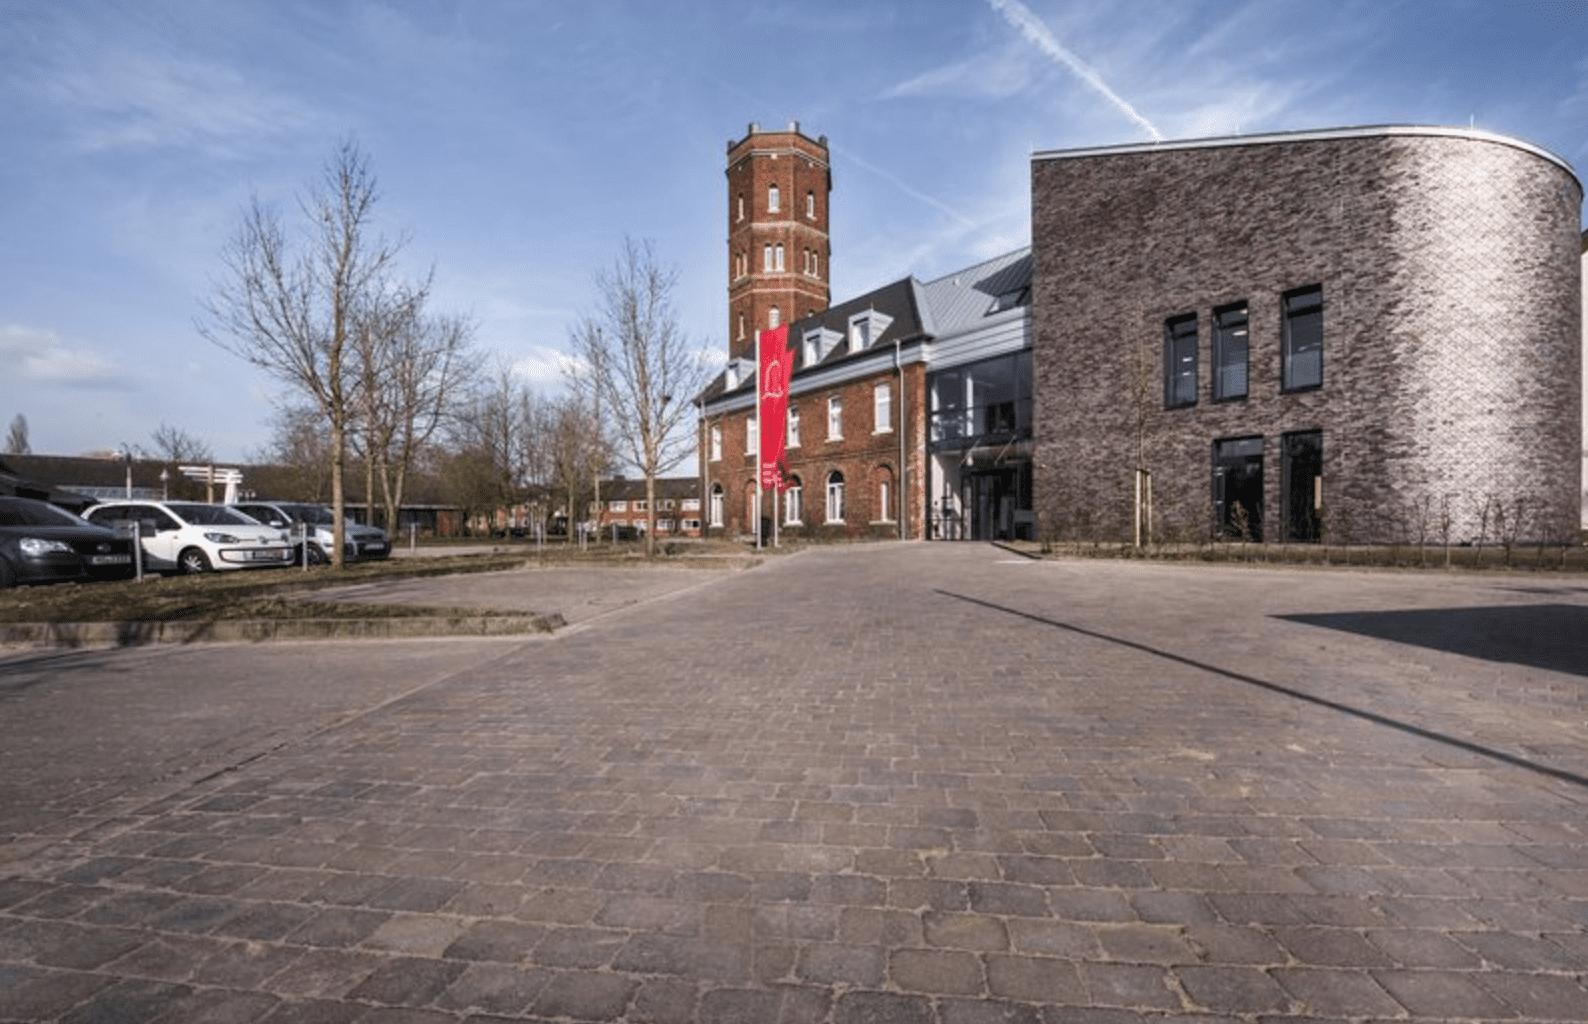 Der Haupteingang des Hotels am Wasserturm auf dem Alexianer Campus in Münster Amelsbüren.